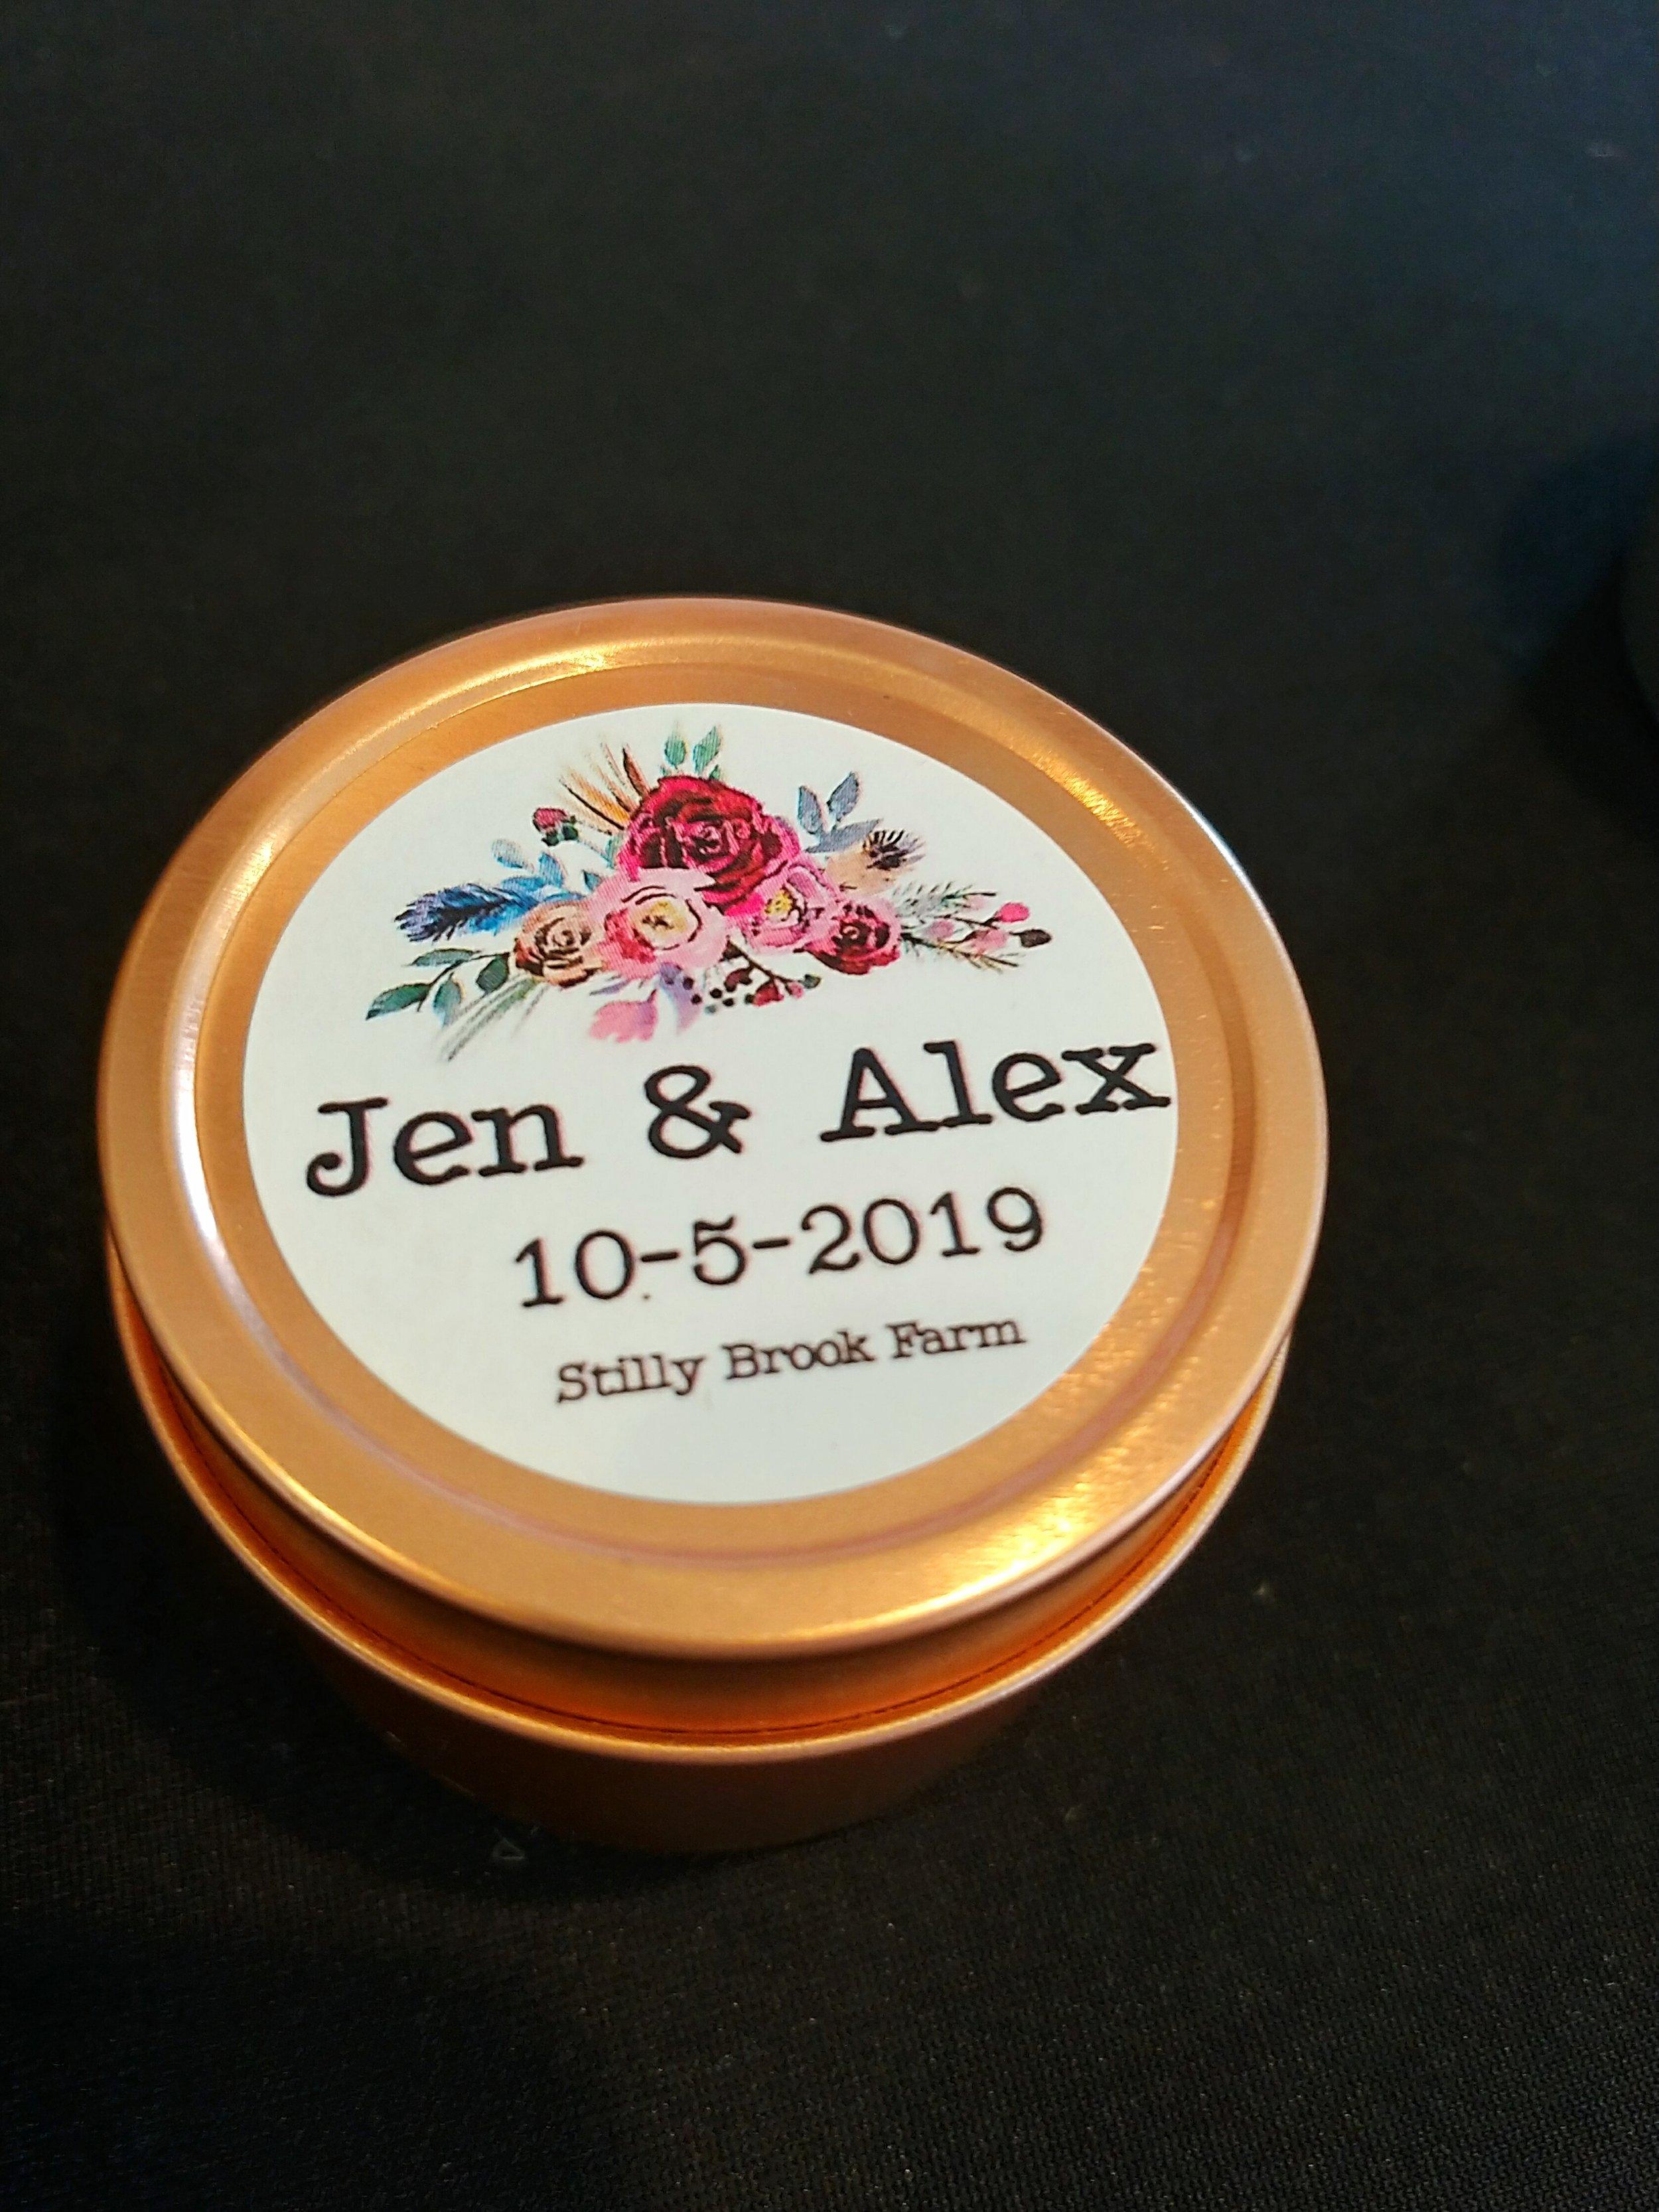 colored wedding label mock up.jpg